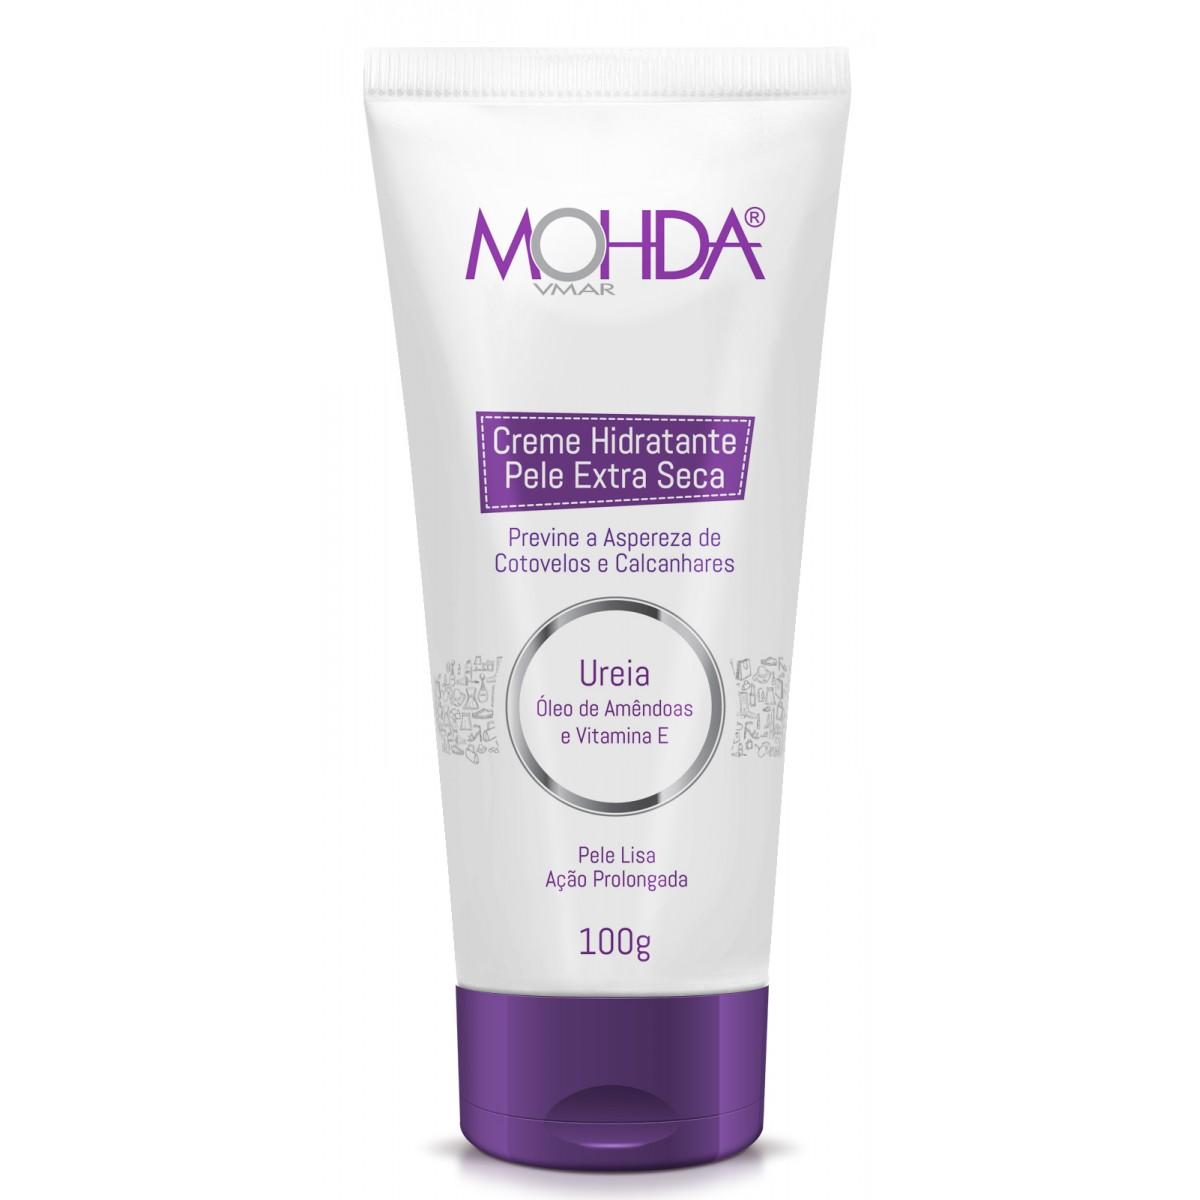 Creme Hidratante Mohda para Pele Extra Seca (100 g)  - Maria Pomposa